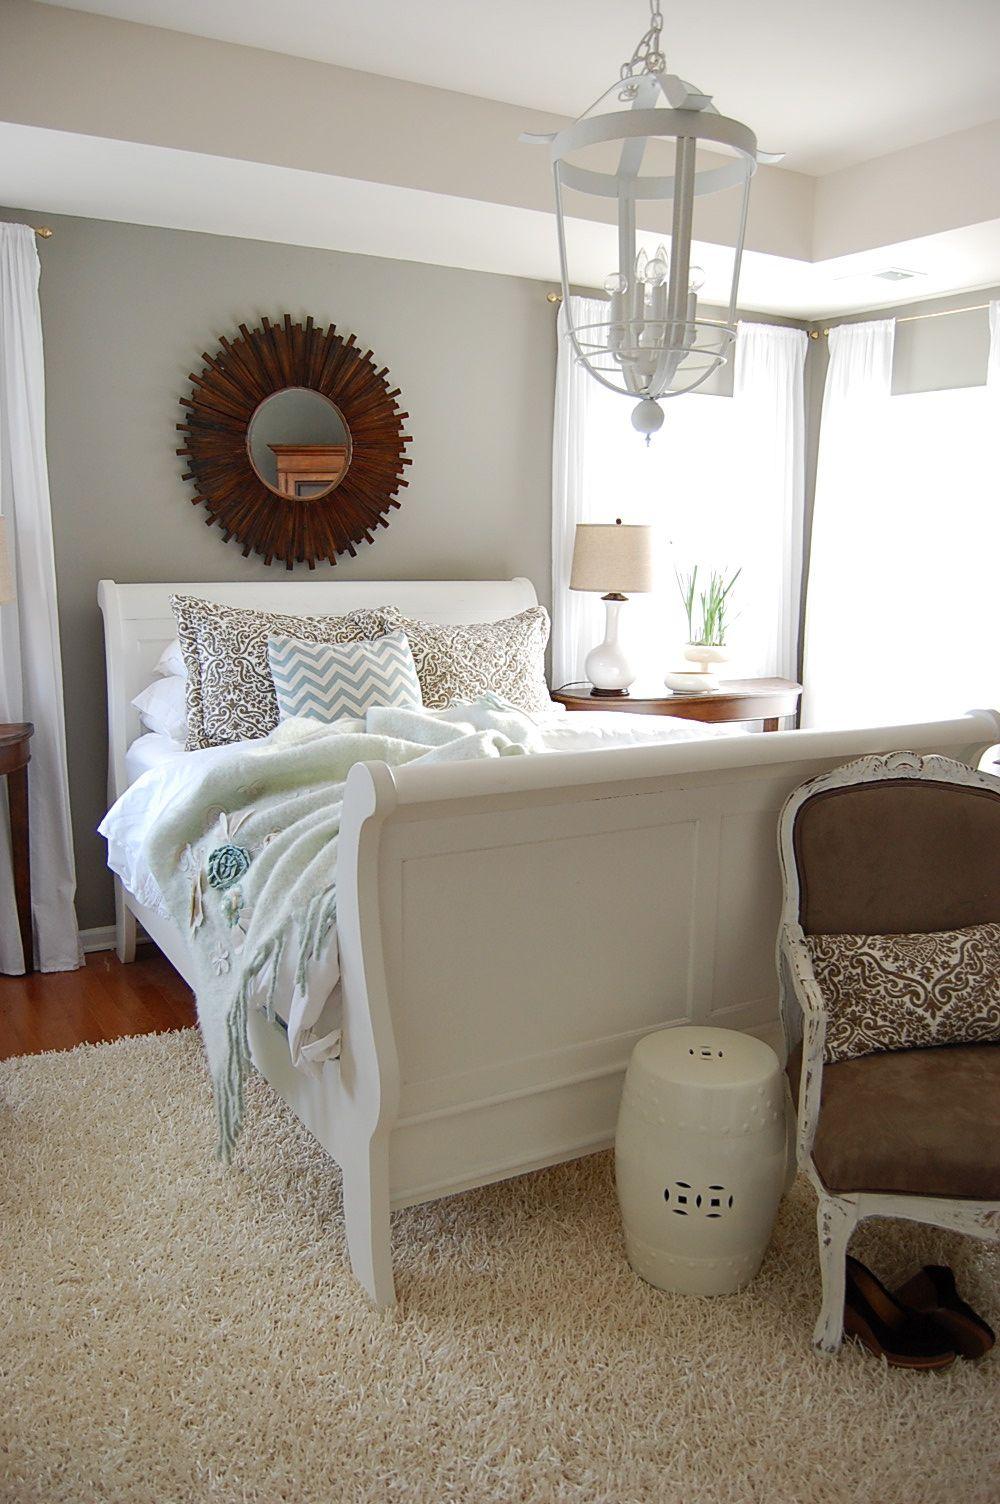 Ashleyfurniture Com Bedroom Sets: Master Bedroom And Guest Bedroom Design